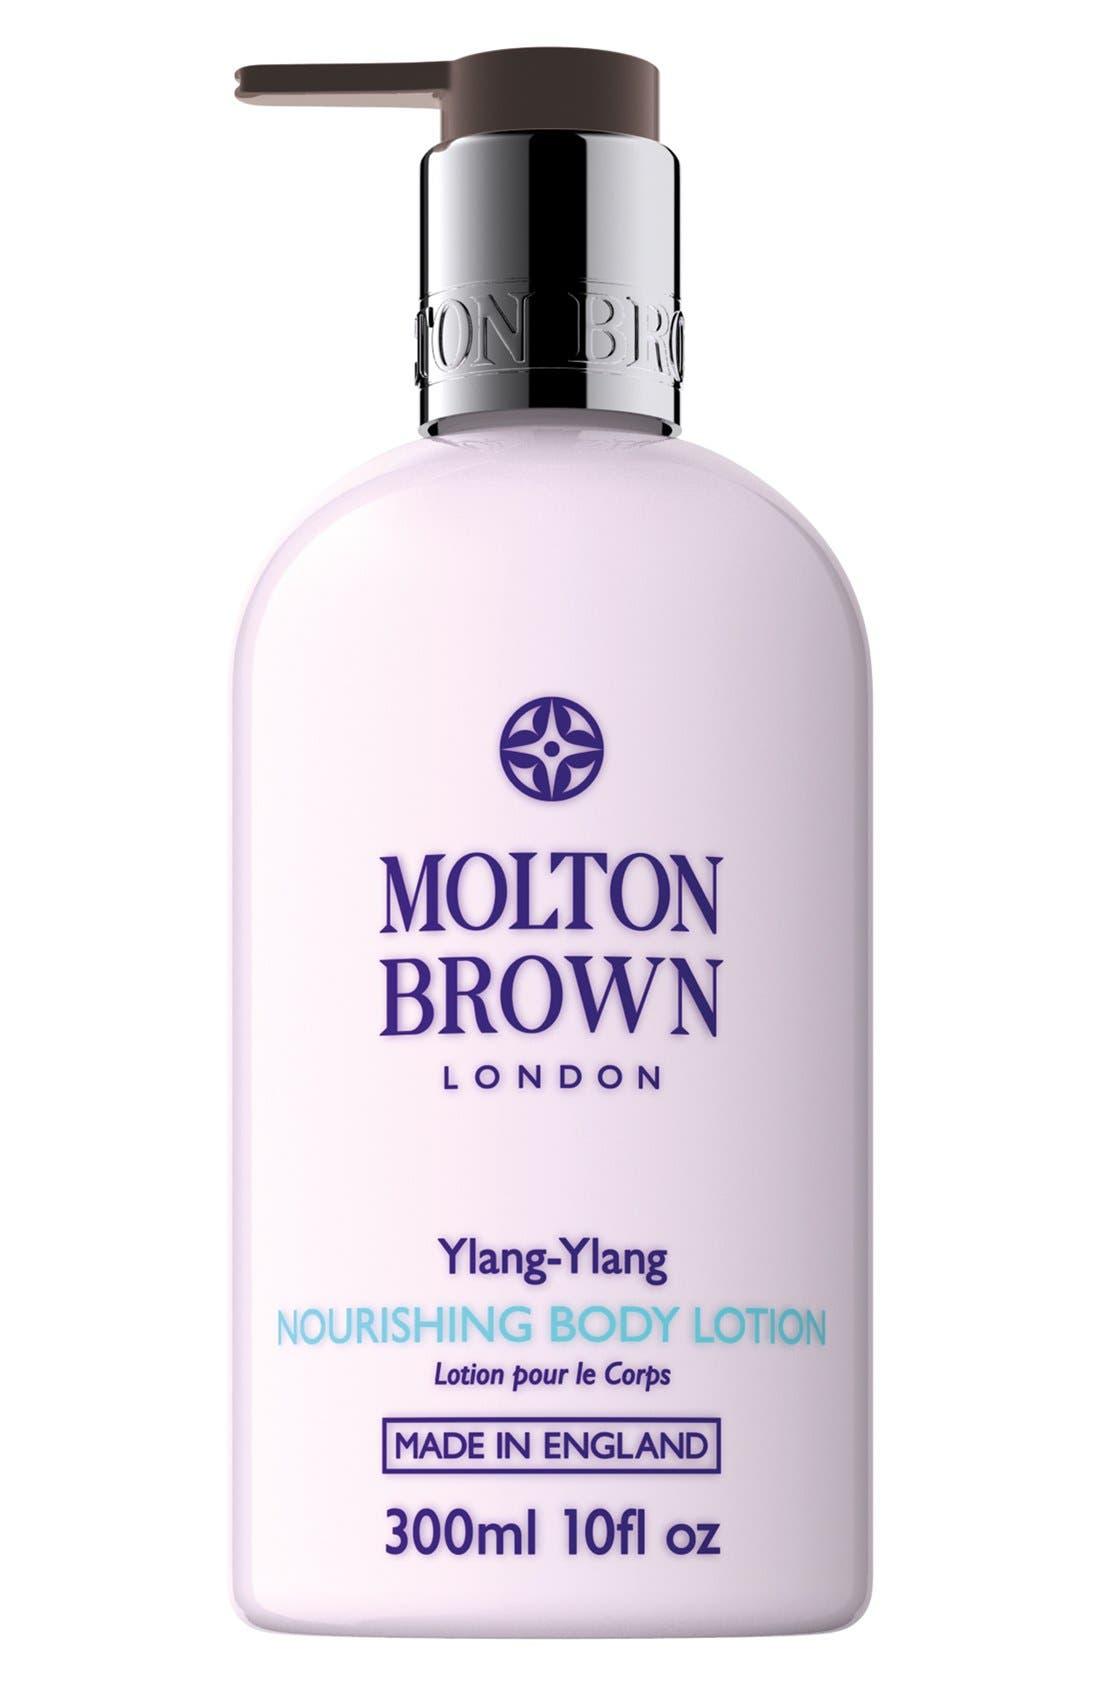 MOLTON BROWN London Body Lotion